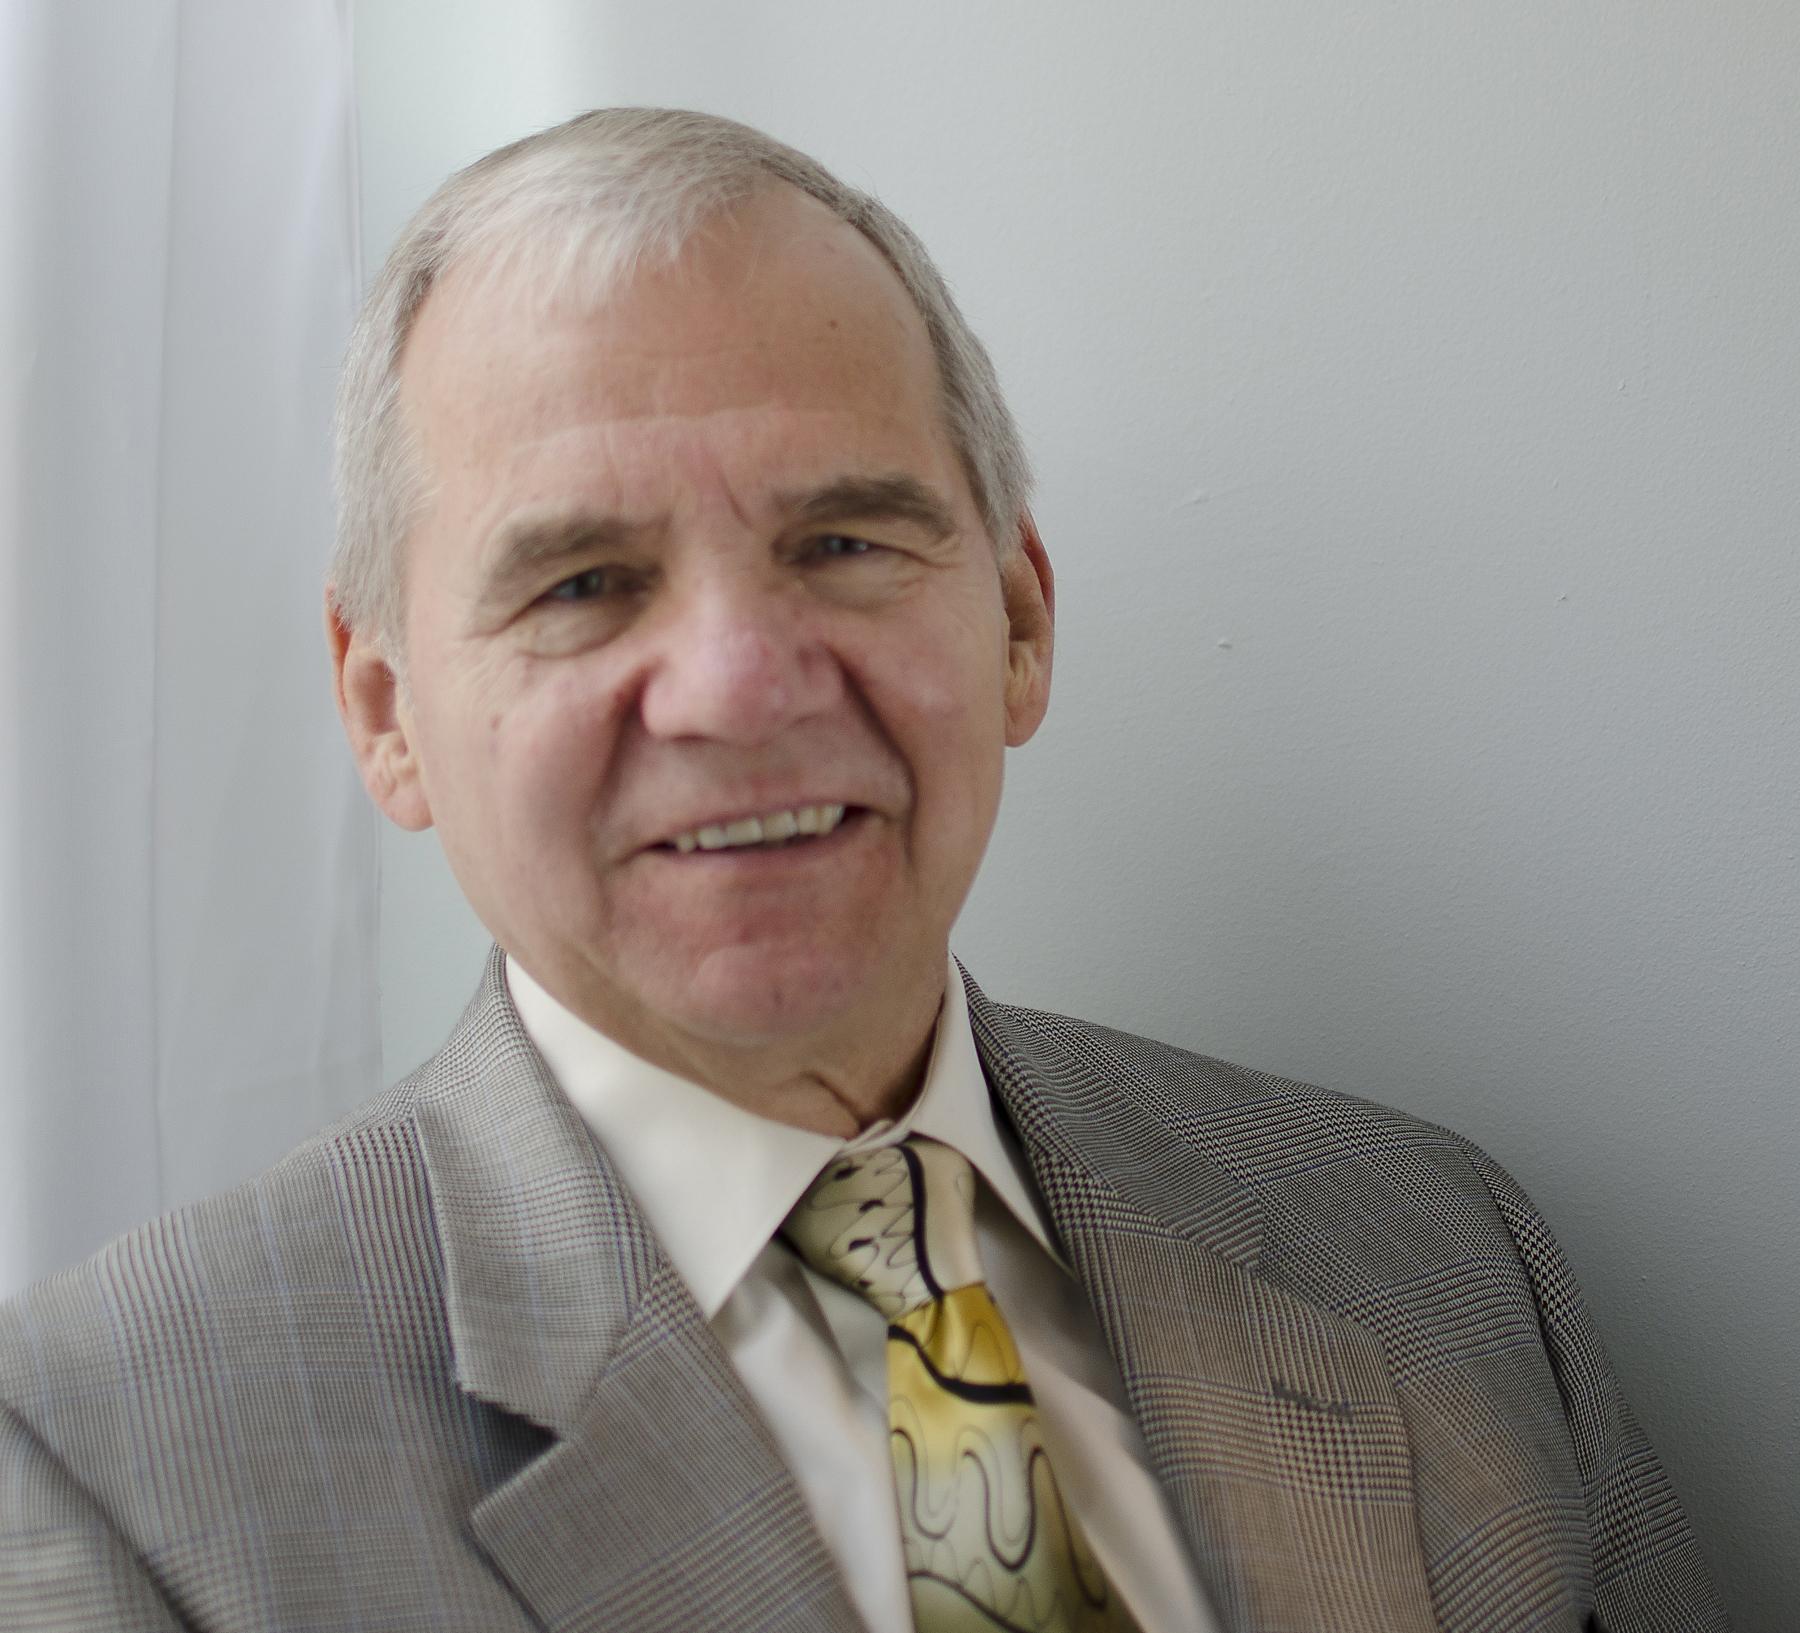 William J. Majeski